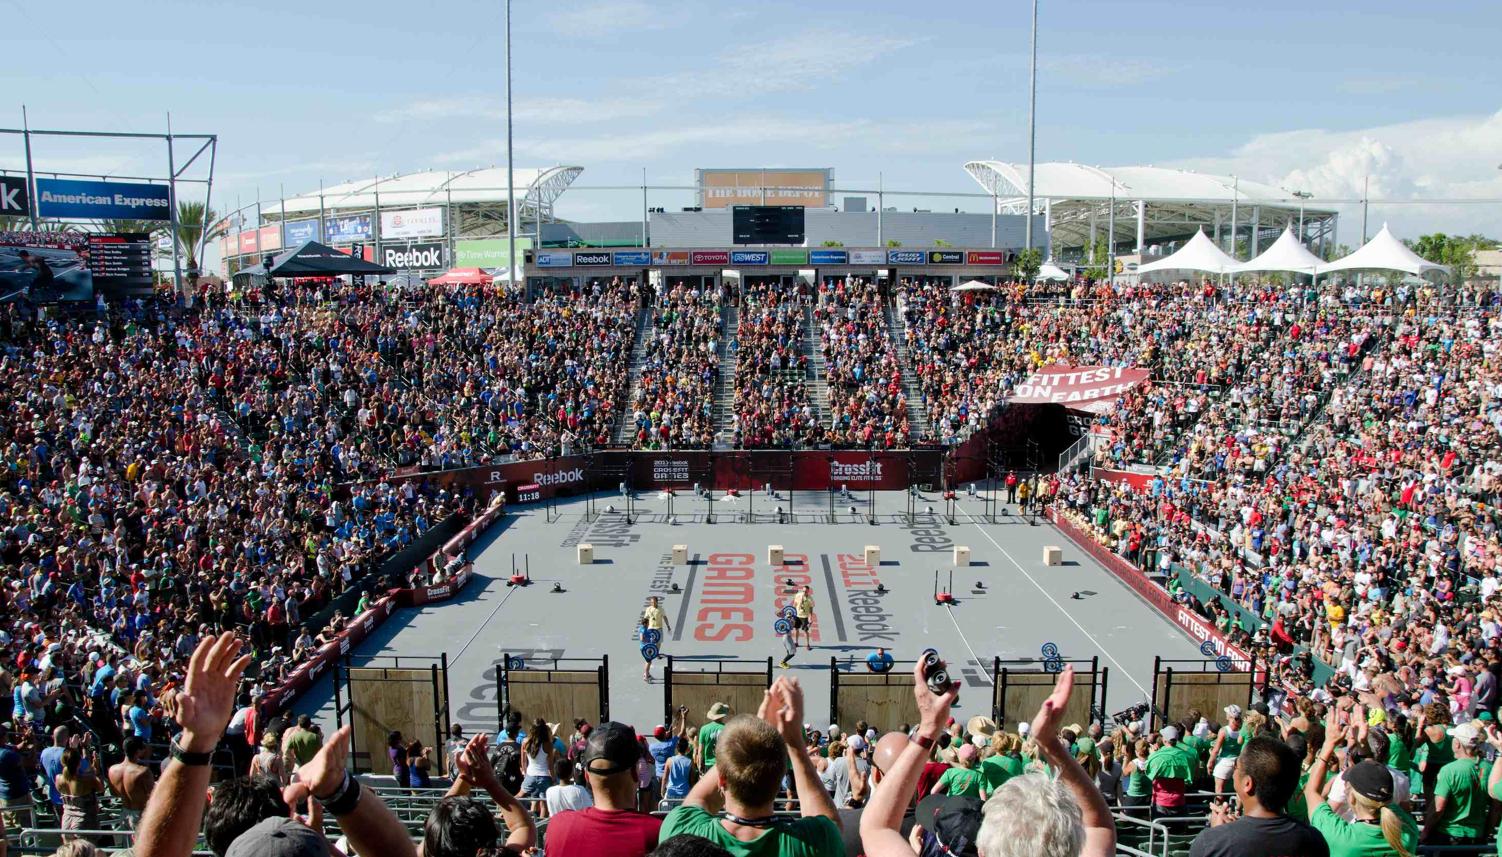 CrossFit Crowd 2011 Games